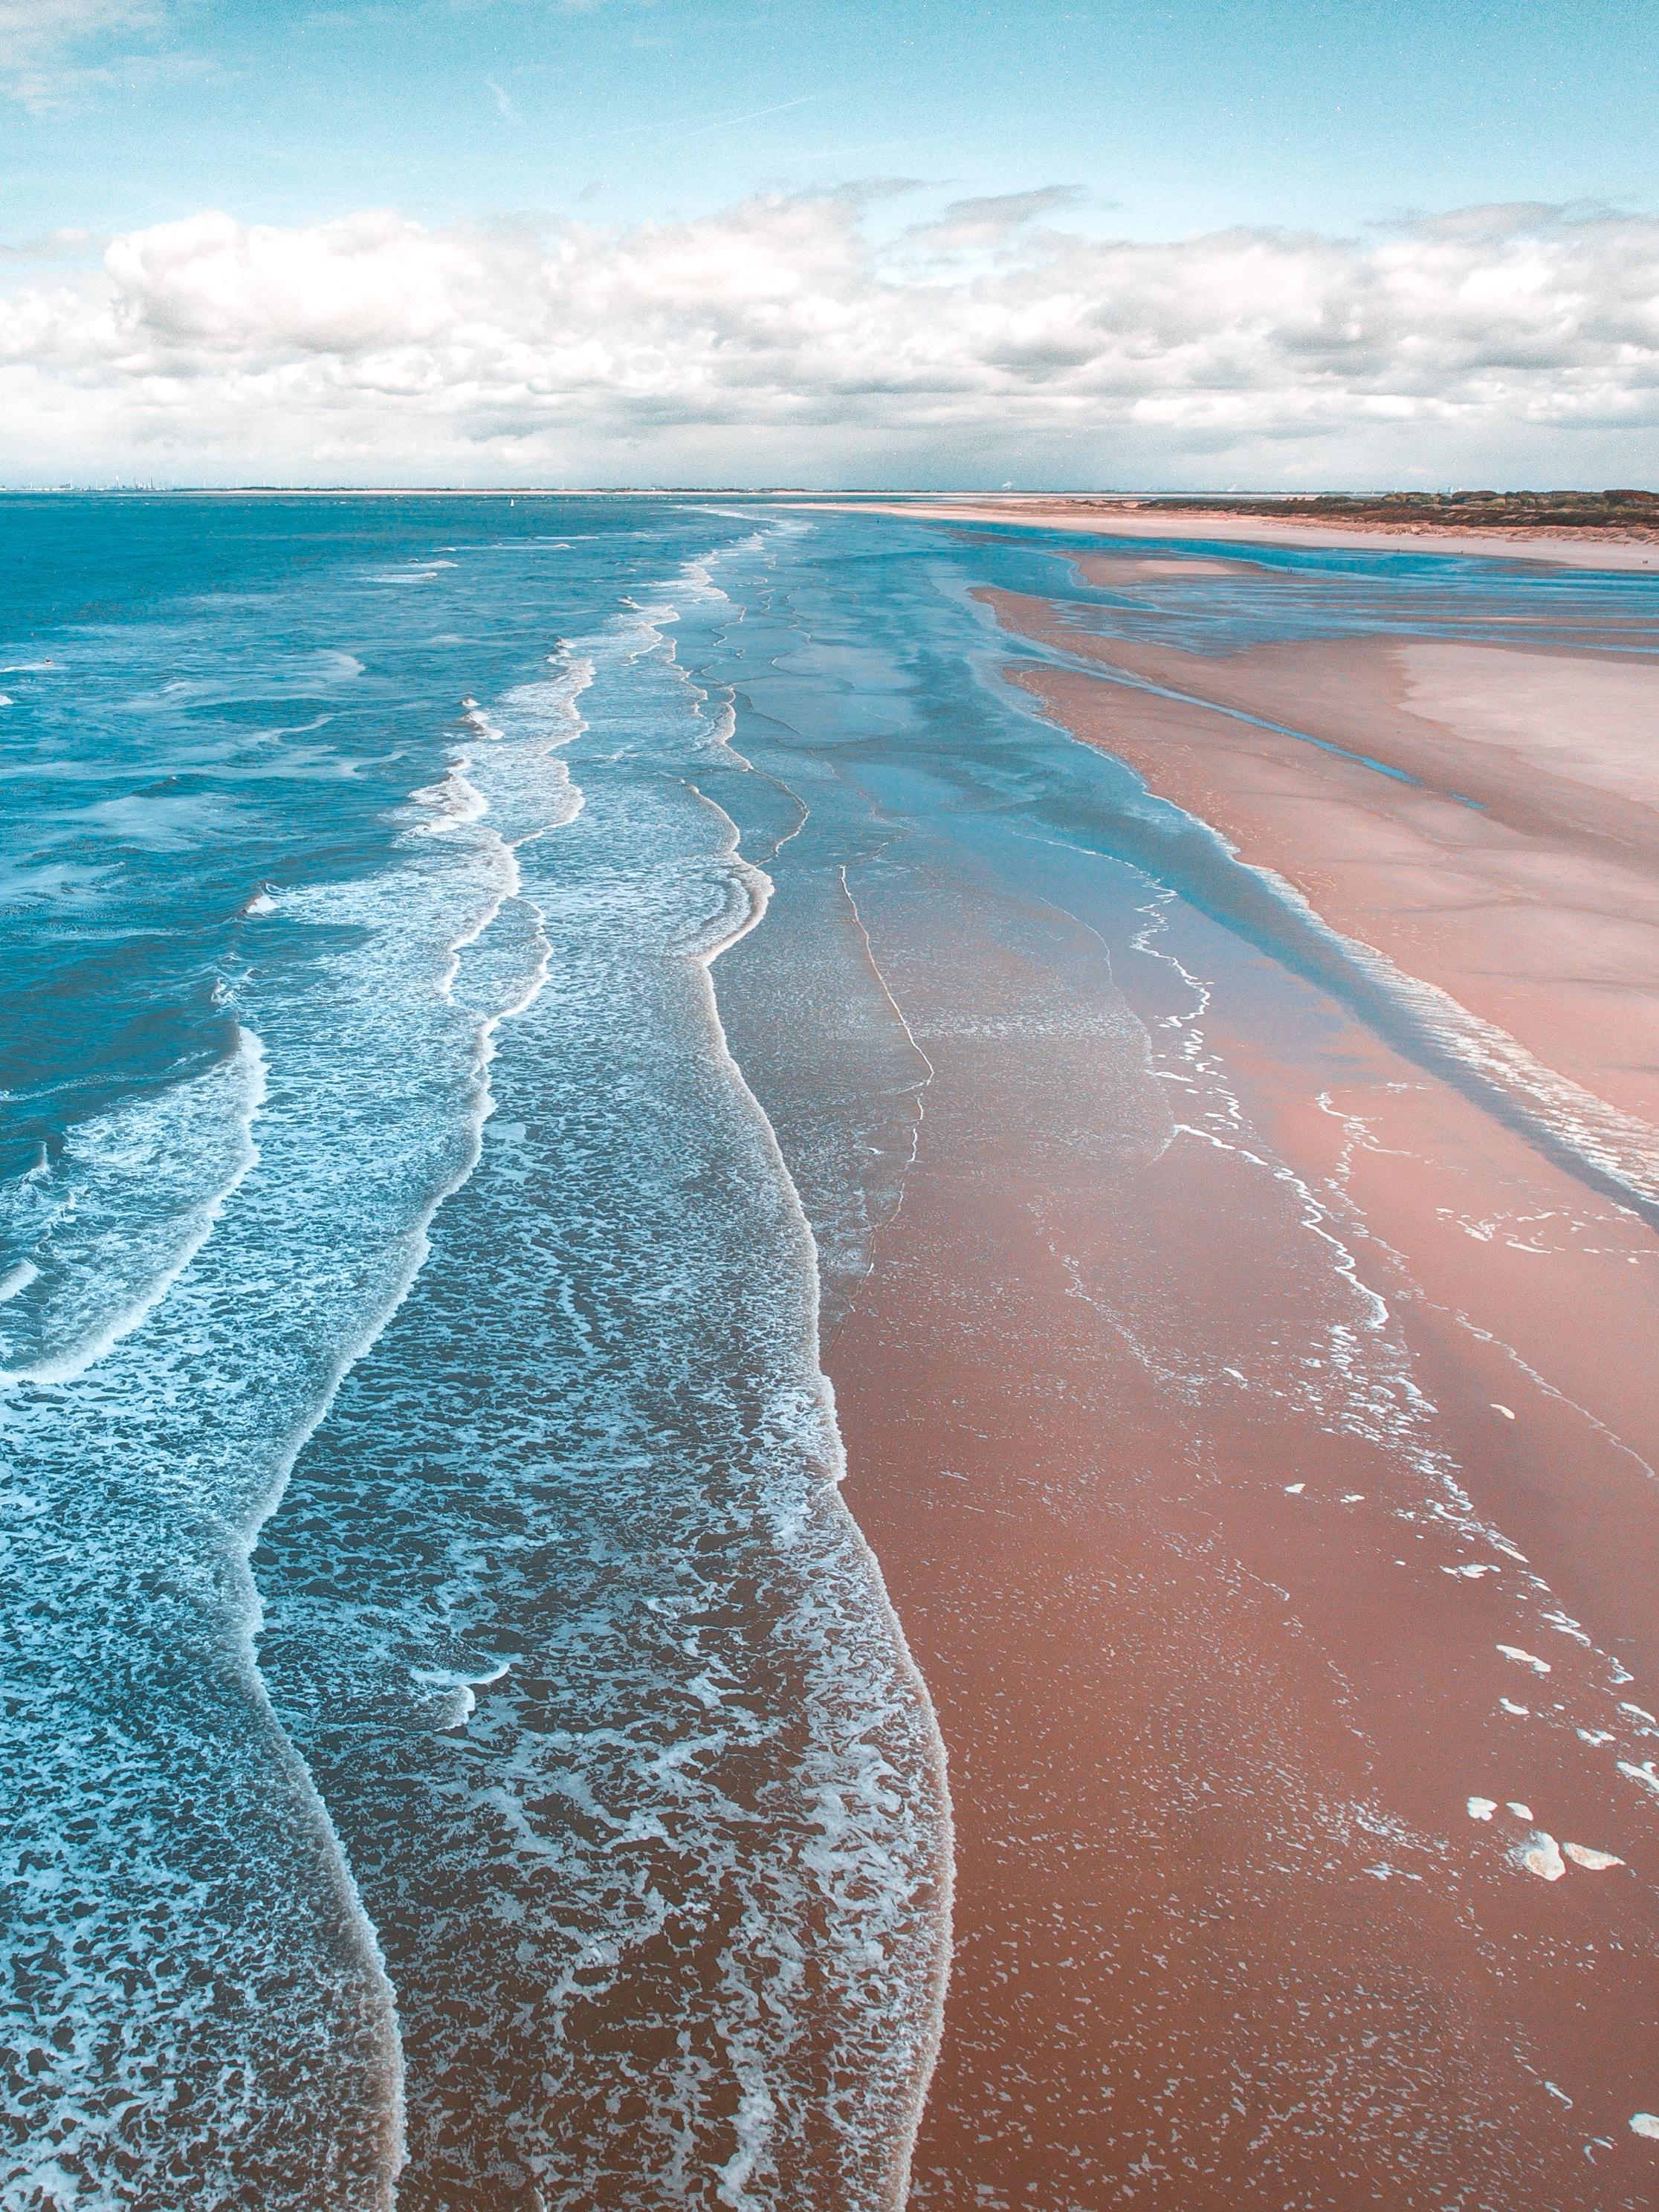 130402 Заставки и Обои Песок на телефон. Скачать Пена, Природа, Песок, Берег, Океан, Прибой картинки бесплатно